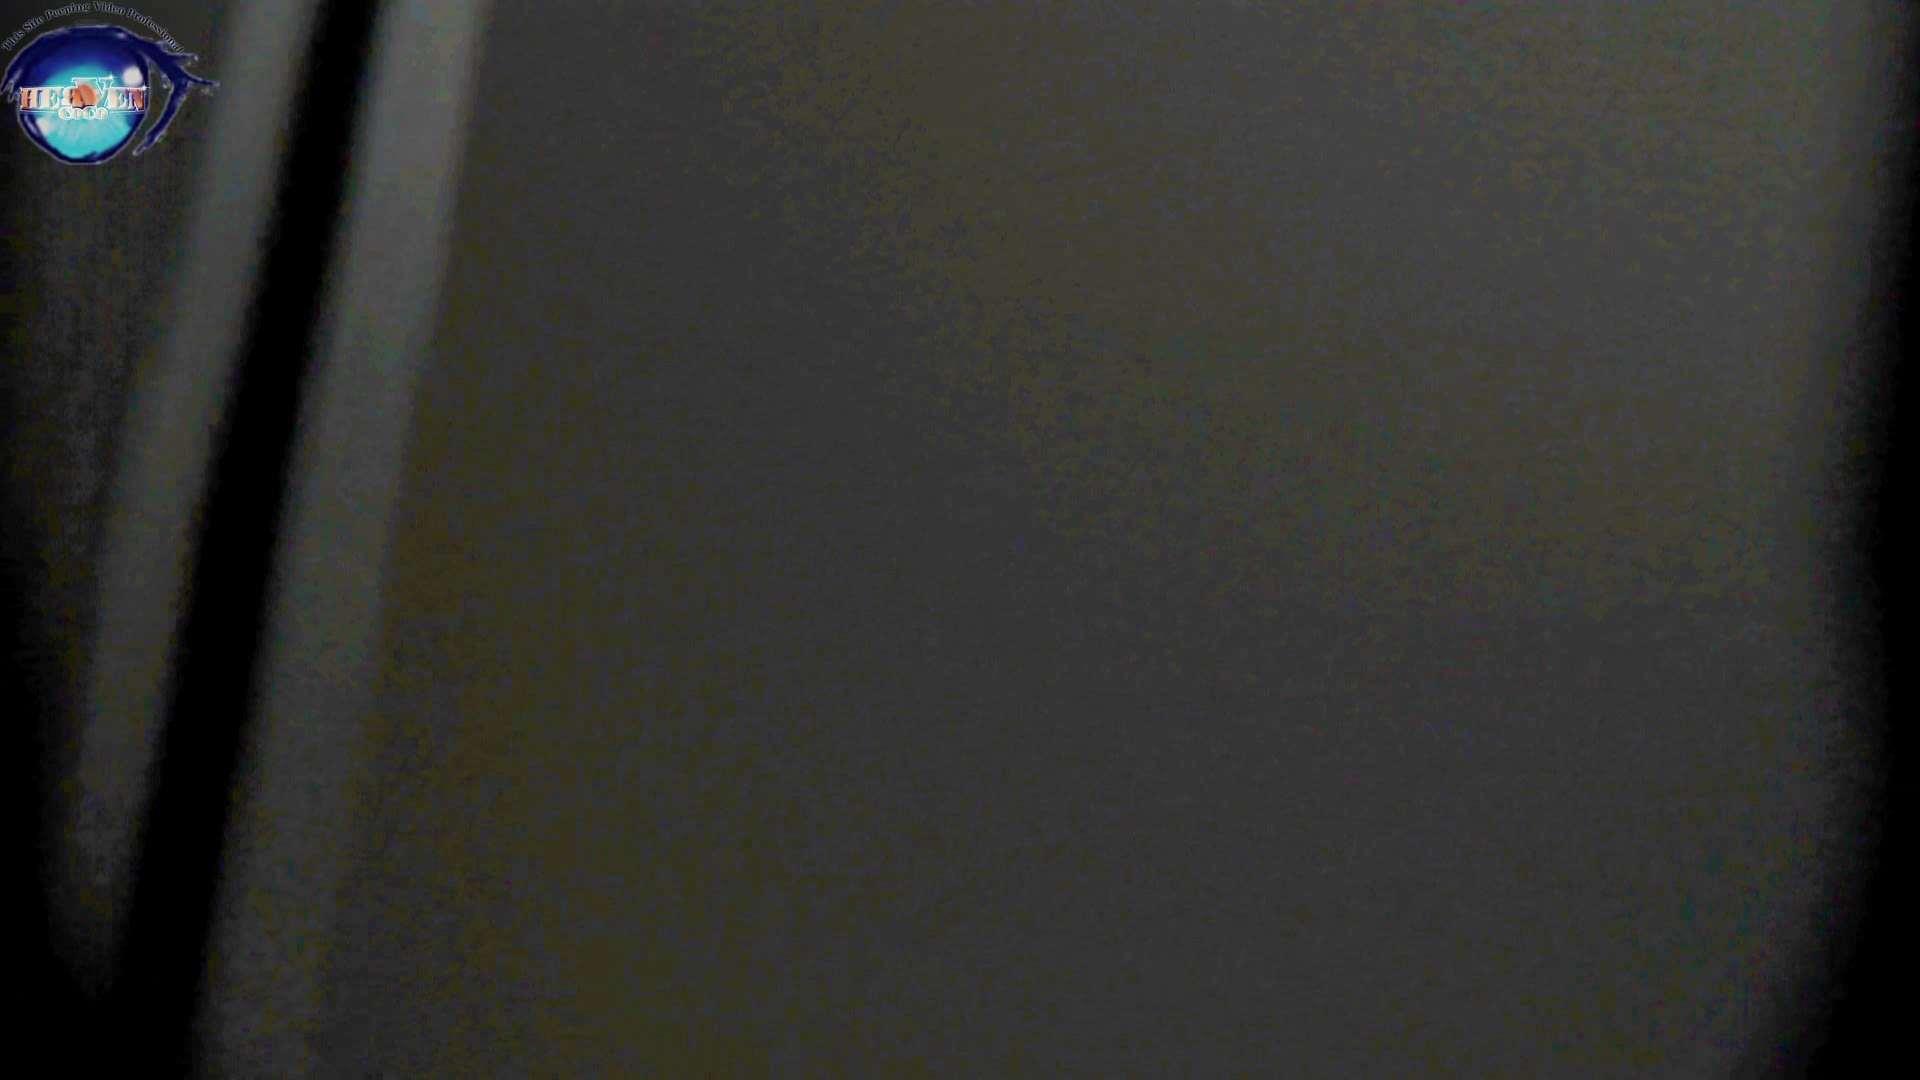 洗面所突入レポート!!お銀 vol.67 新たな場所への挑戦が始まる!!前編 洗面所 | OLセックス  82画像 58